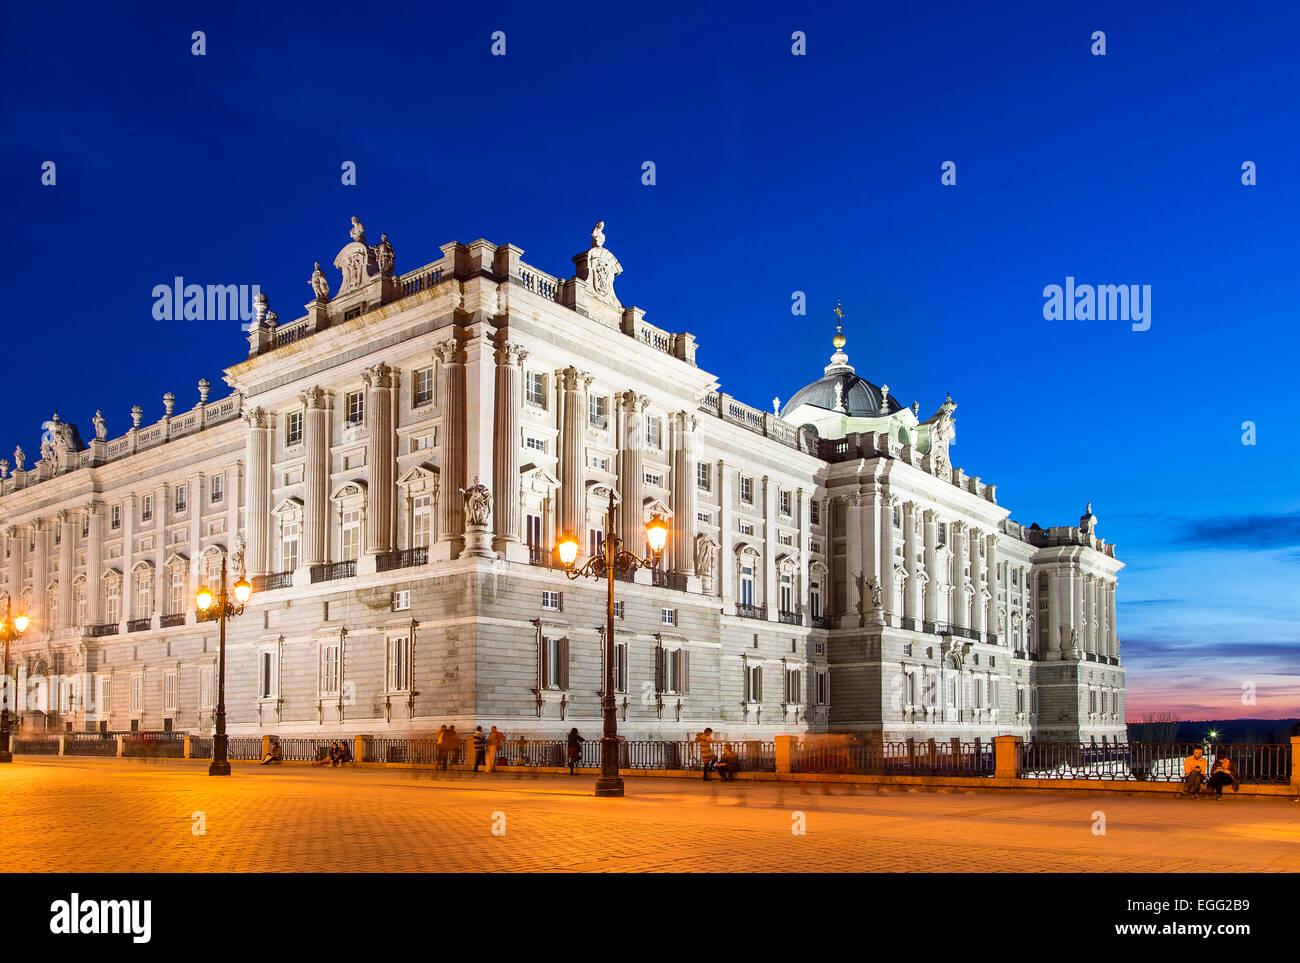 Madrid, Royal Palace (Palacio real) at Dusk - Stock Image